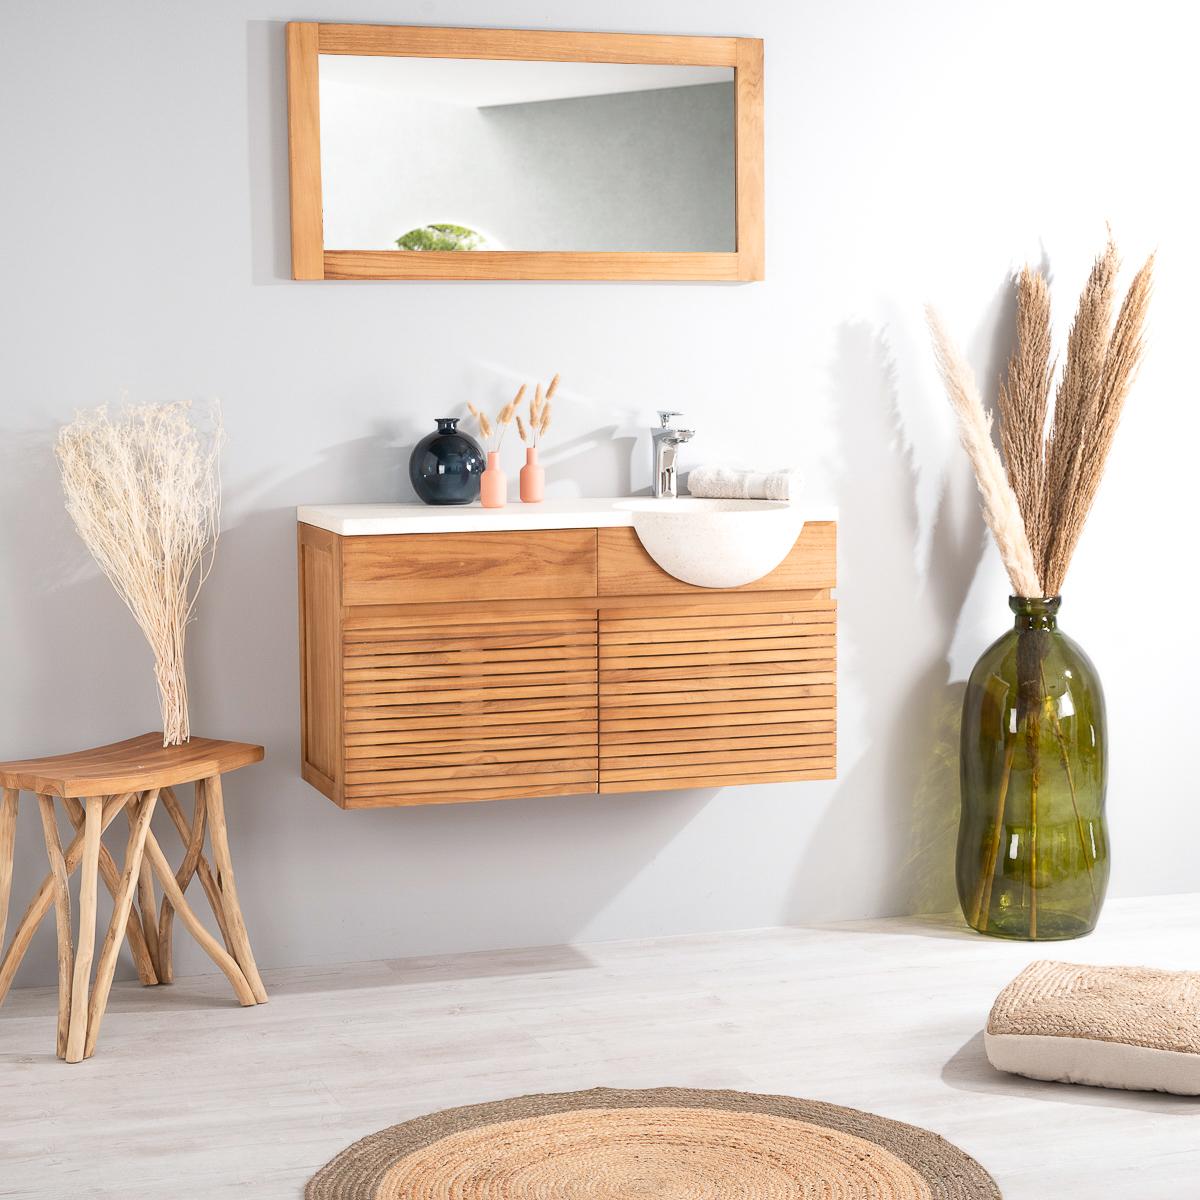 meuble sous vasque simple vasque suspendu en bois teck massif vasque en pierre naturelle. Black Bedroom Furniture Sets. Home Design Ideas